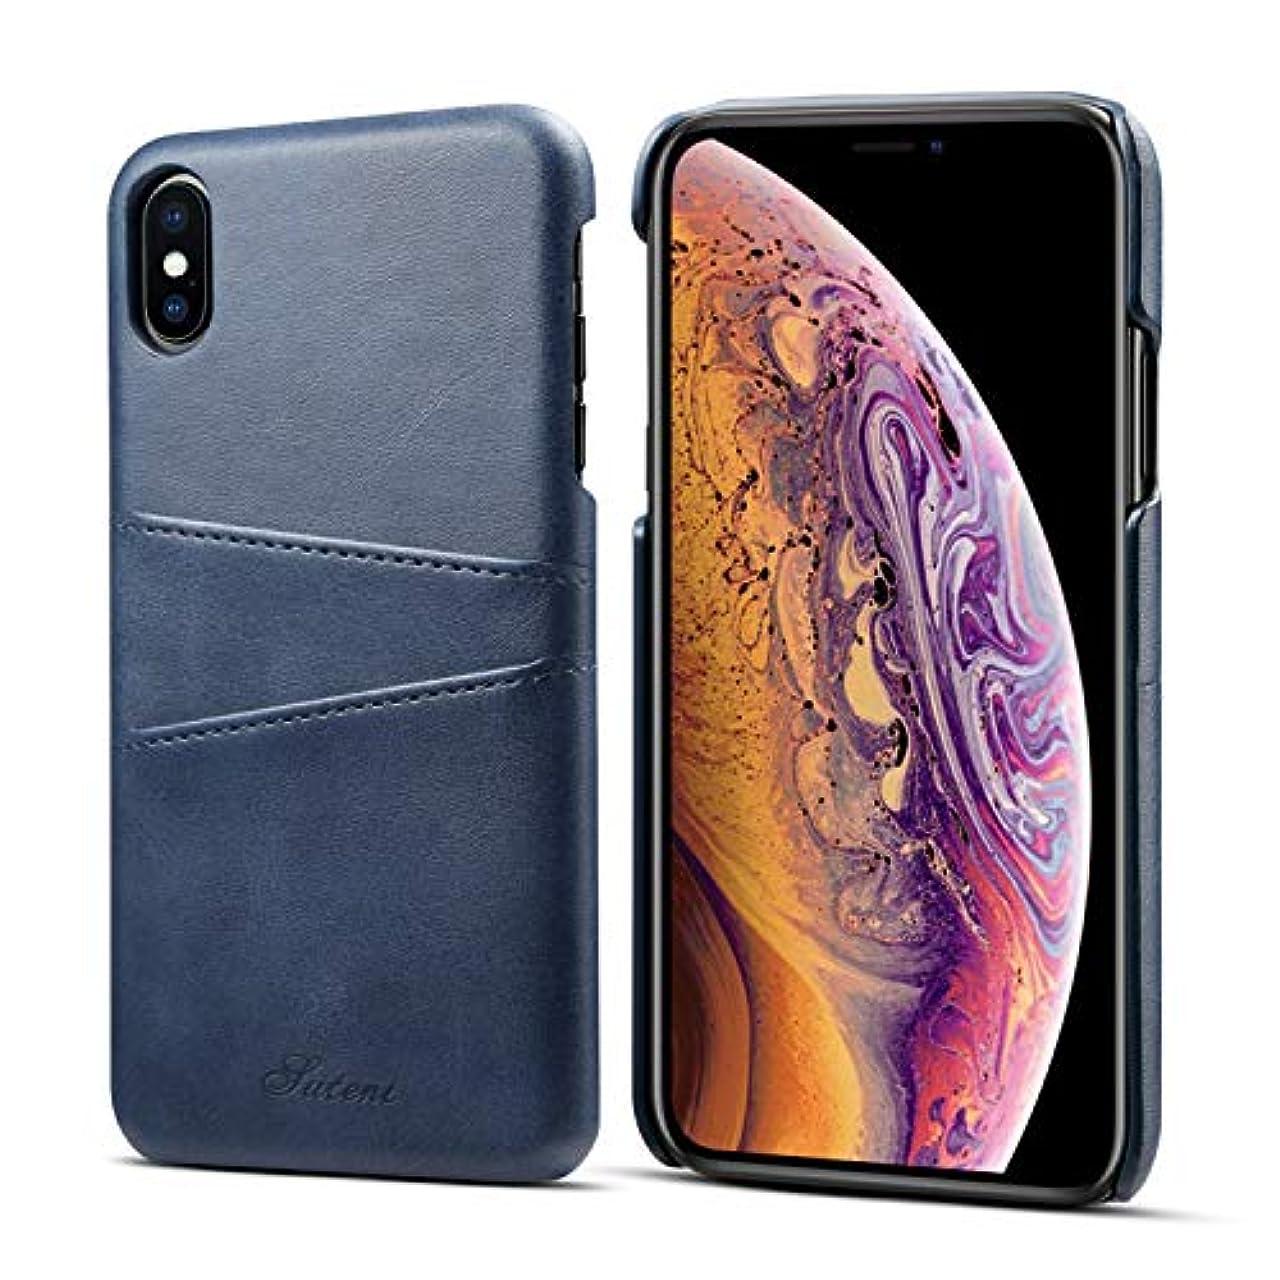 統合学部長予算iPhone XS Maxのための財布ケース、カード/ IDホルダースロット付きtaStoneプレミアムPUレザー電話ケースカバー6.5インチiPhone XS Maxのための軽量クラシックスタイルスリム保護スクリーンケース...